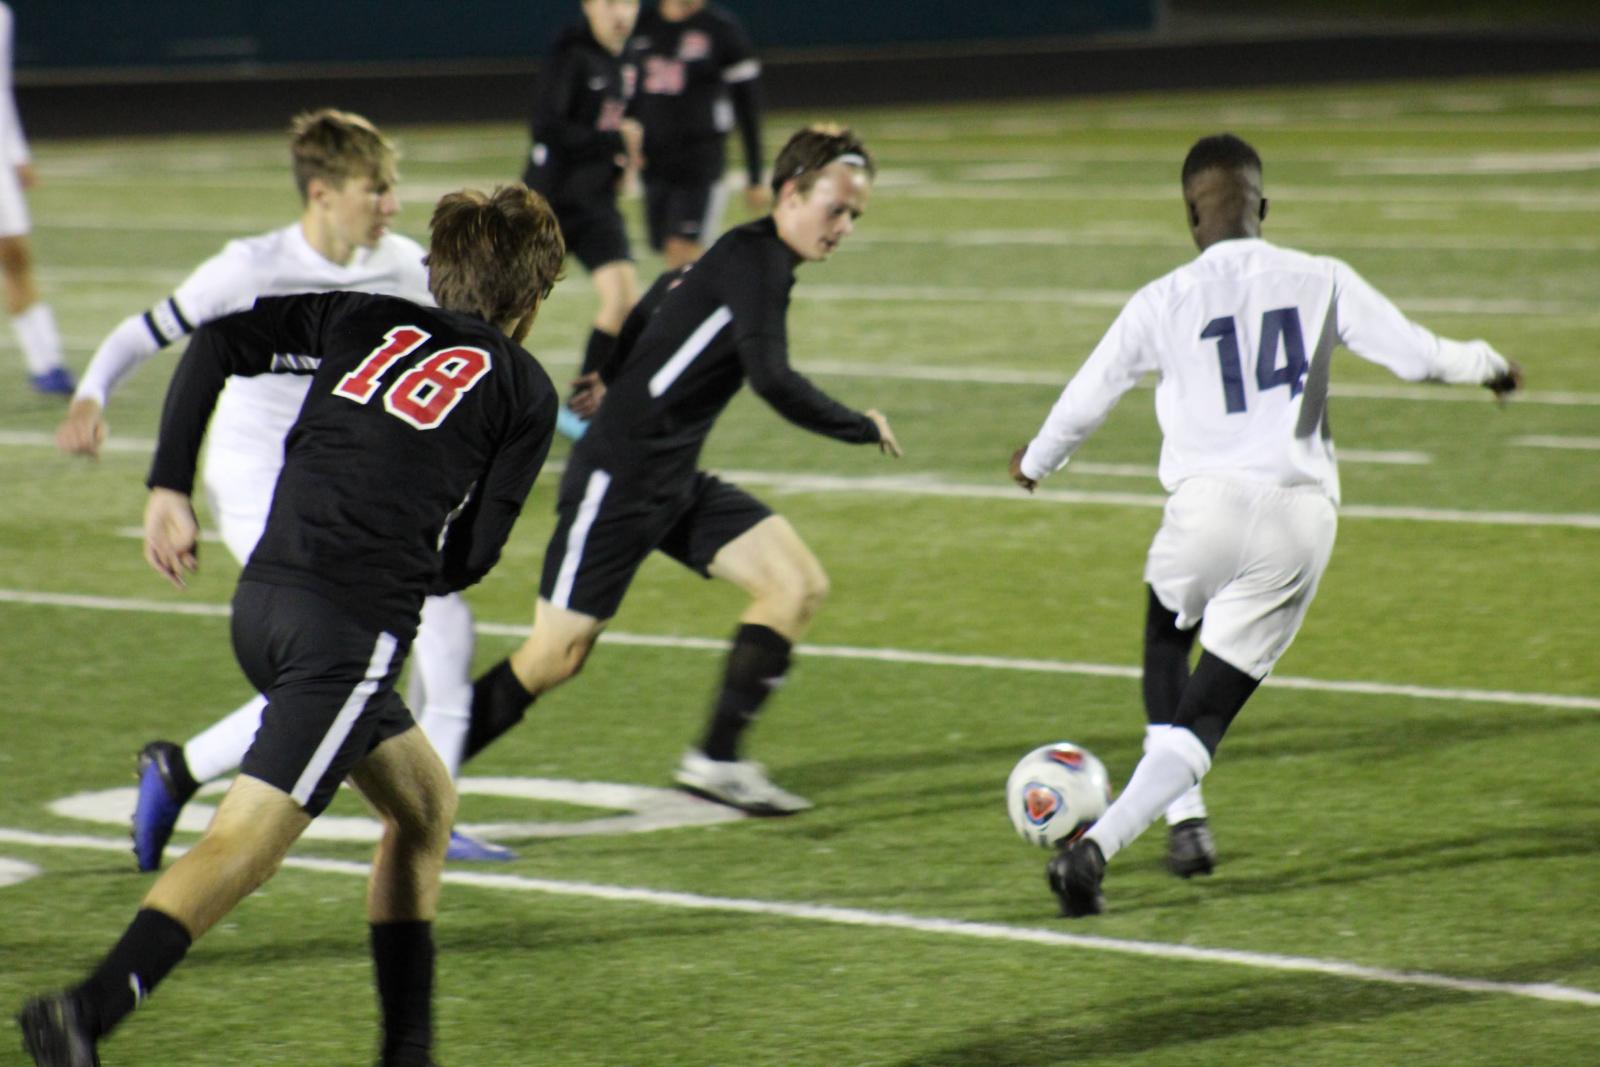 Varsity Boys Soccer Action Pics vs Parma